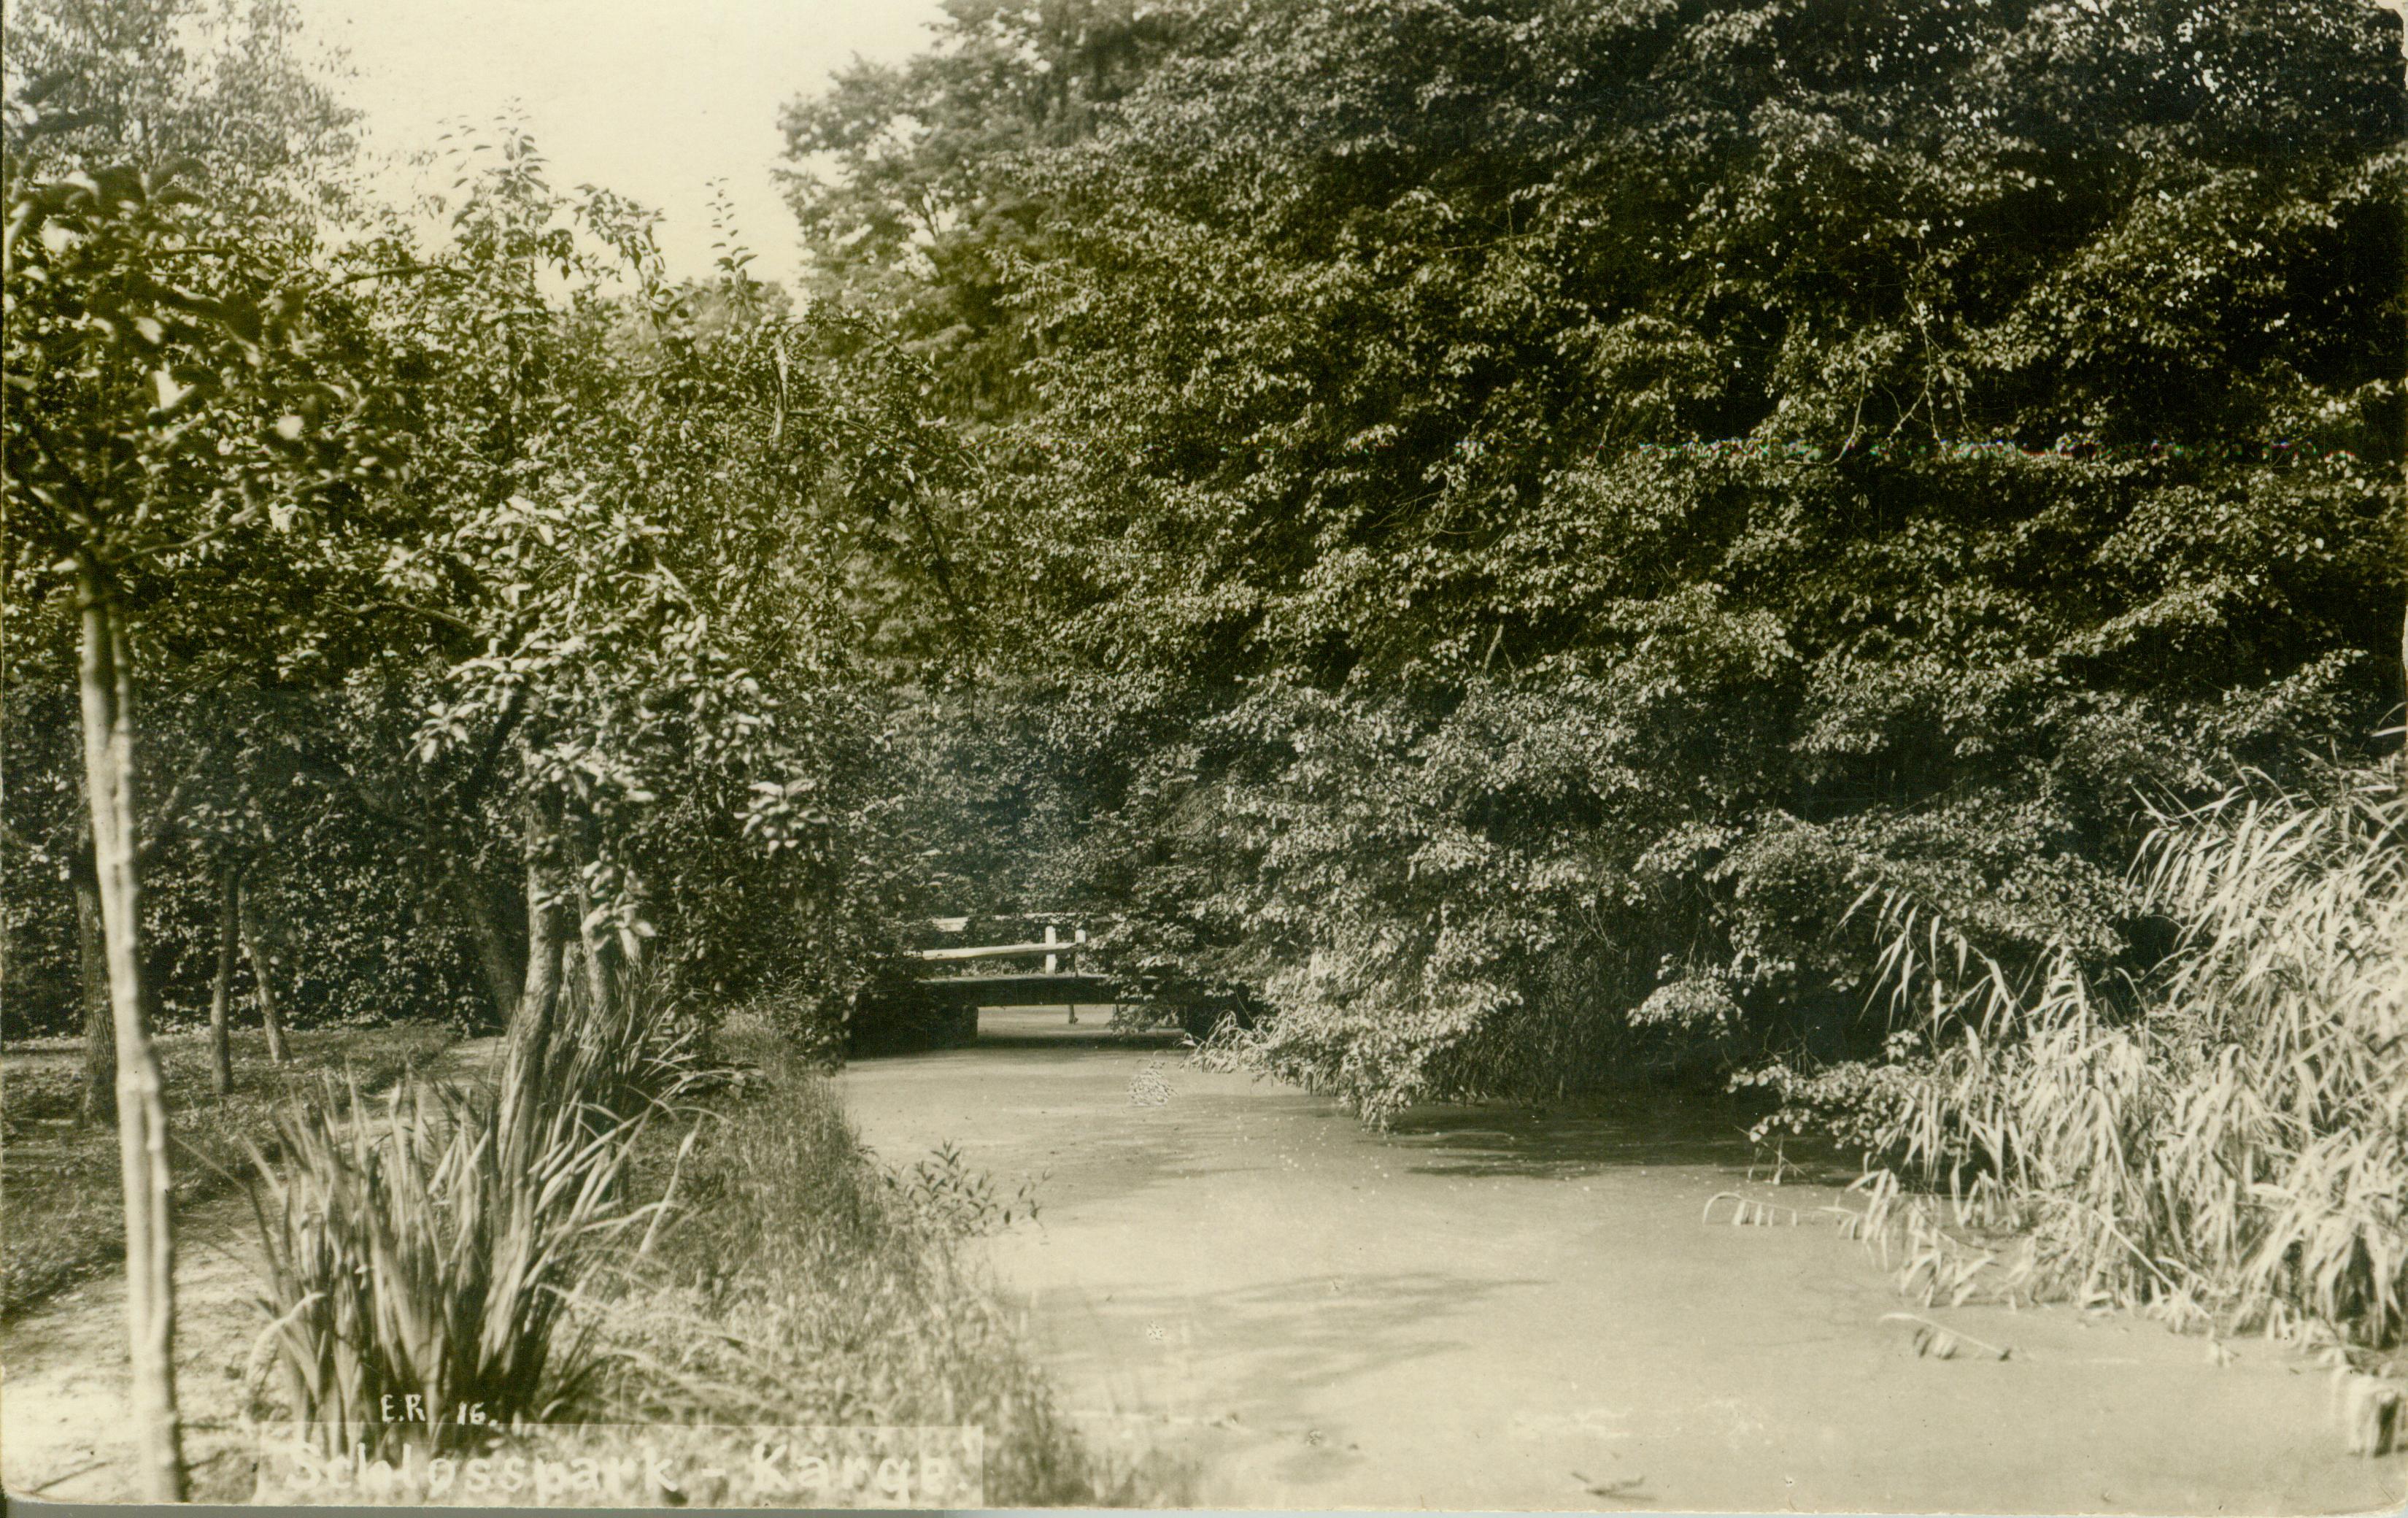 Kargowa-park pałacowy, lubuskie